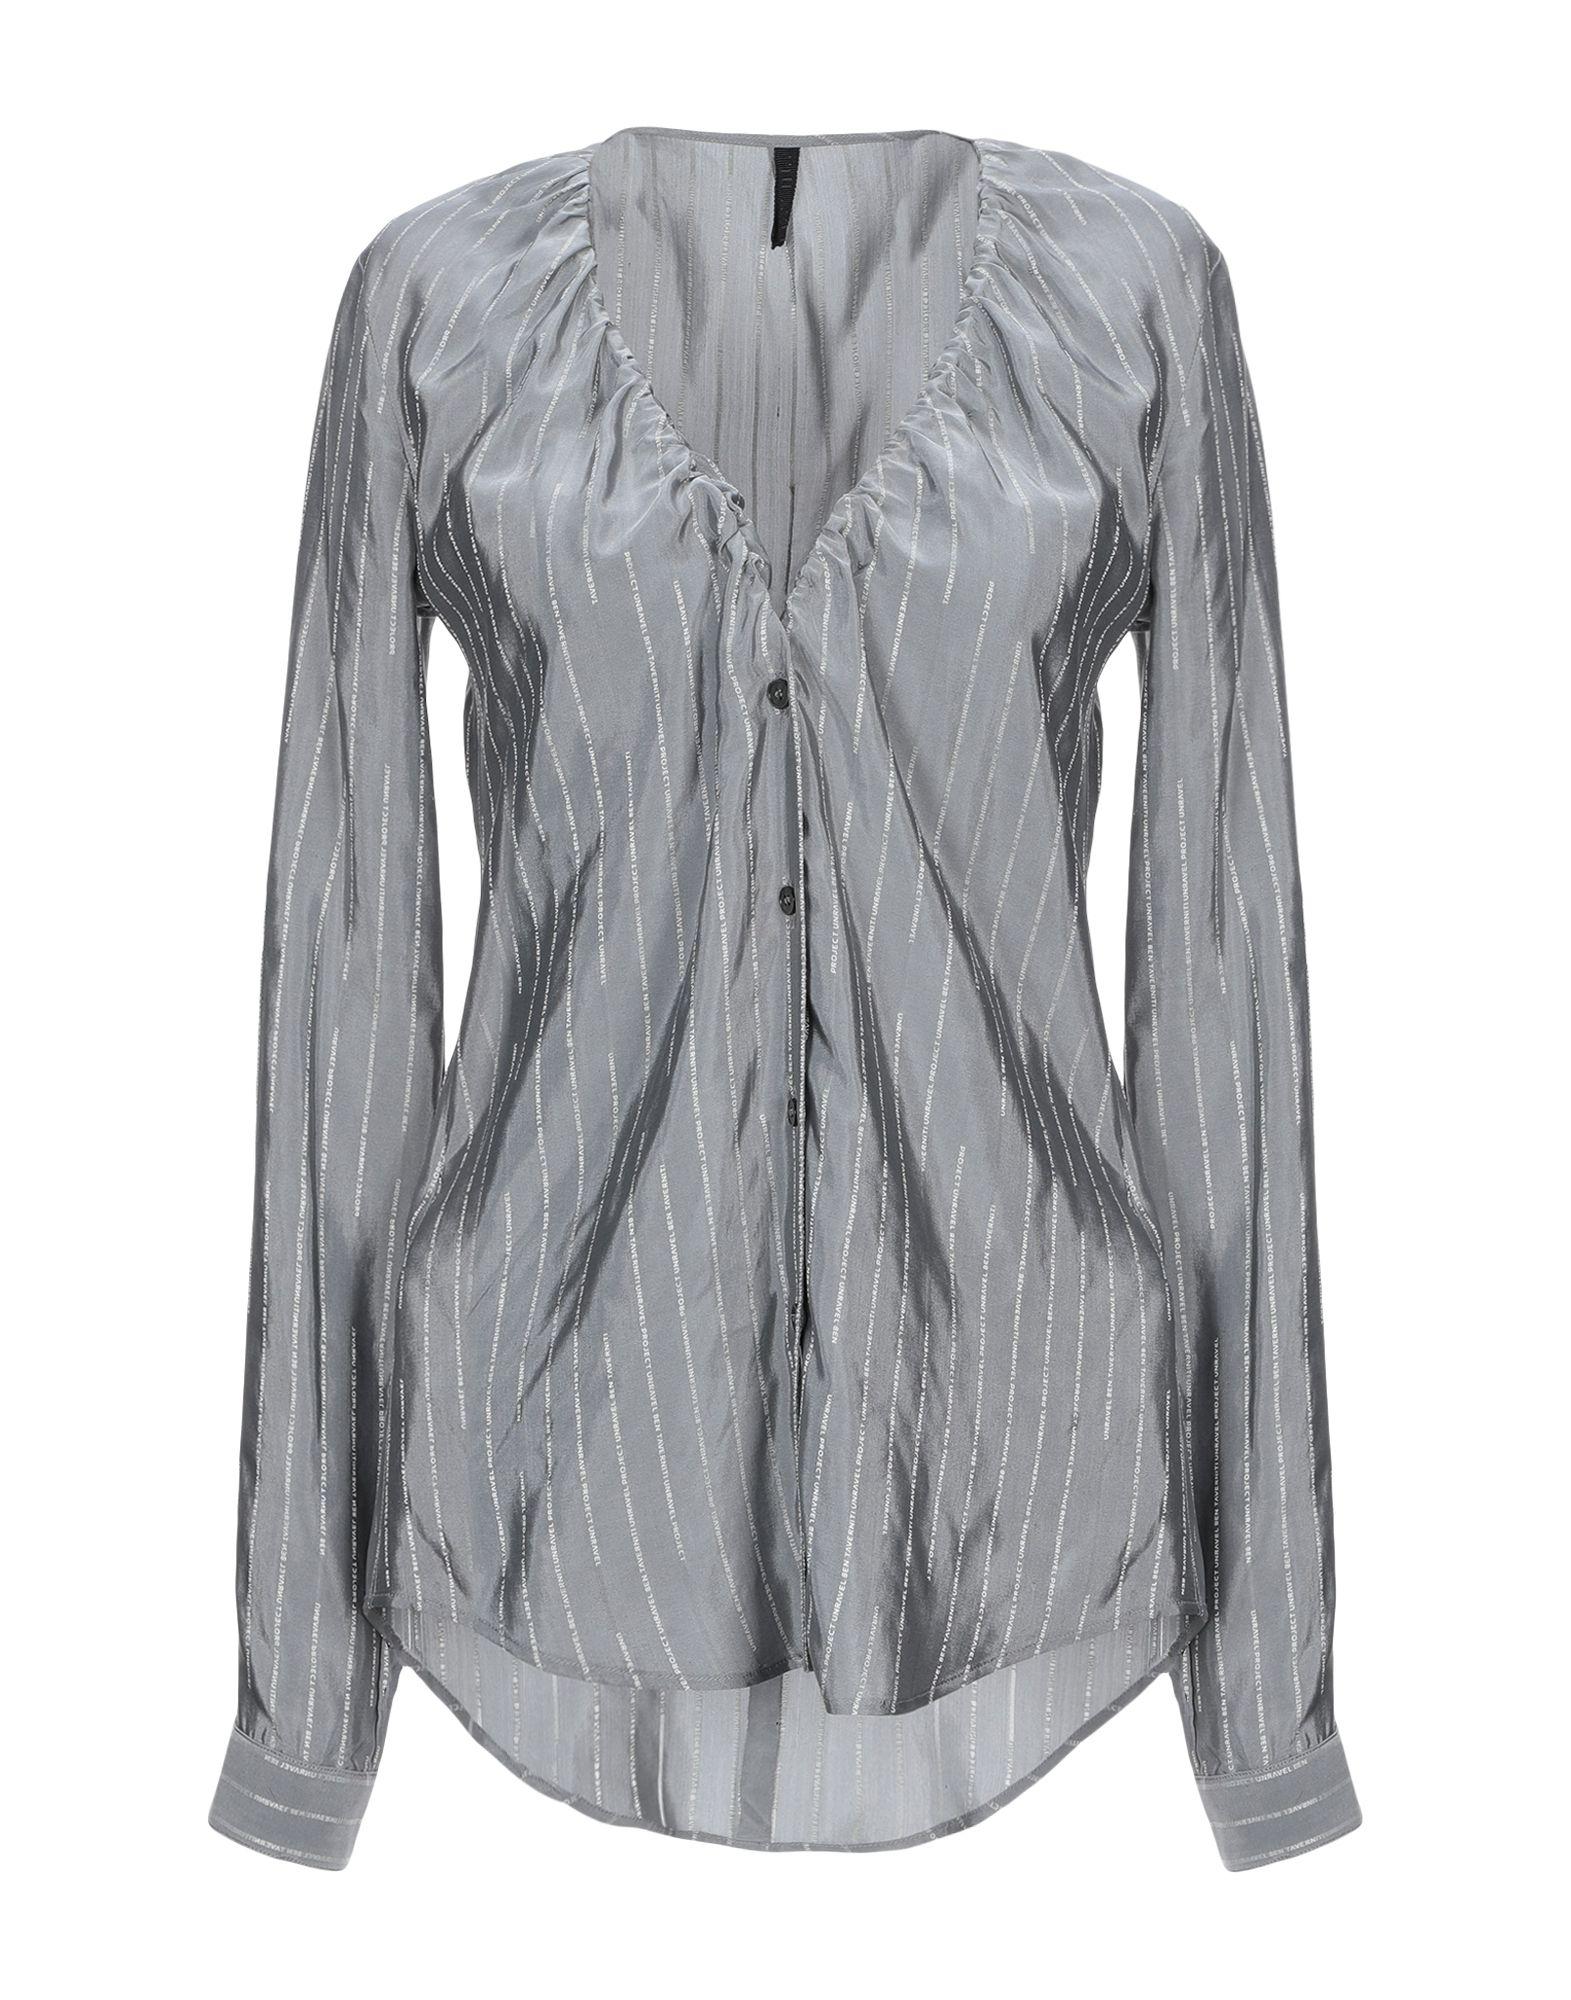 Camicie E bluse In Seta Ben Taverniti™ Unravel Project donna donna donna - 38837472BG a2b